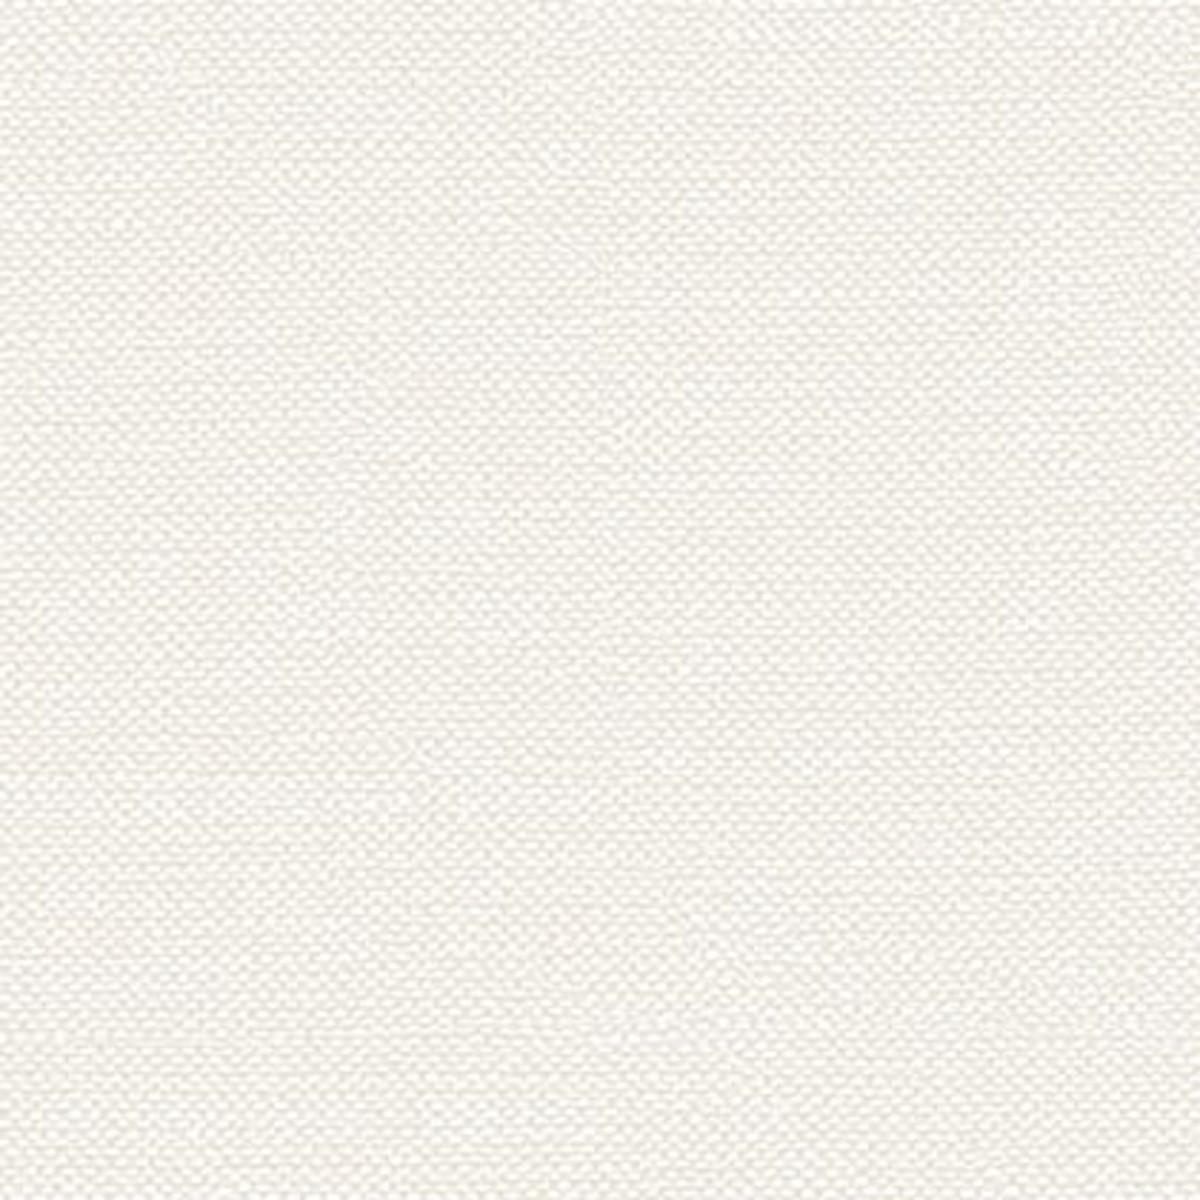 Обои виниловые Gaenari белые 1.06 м 57172-1